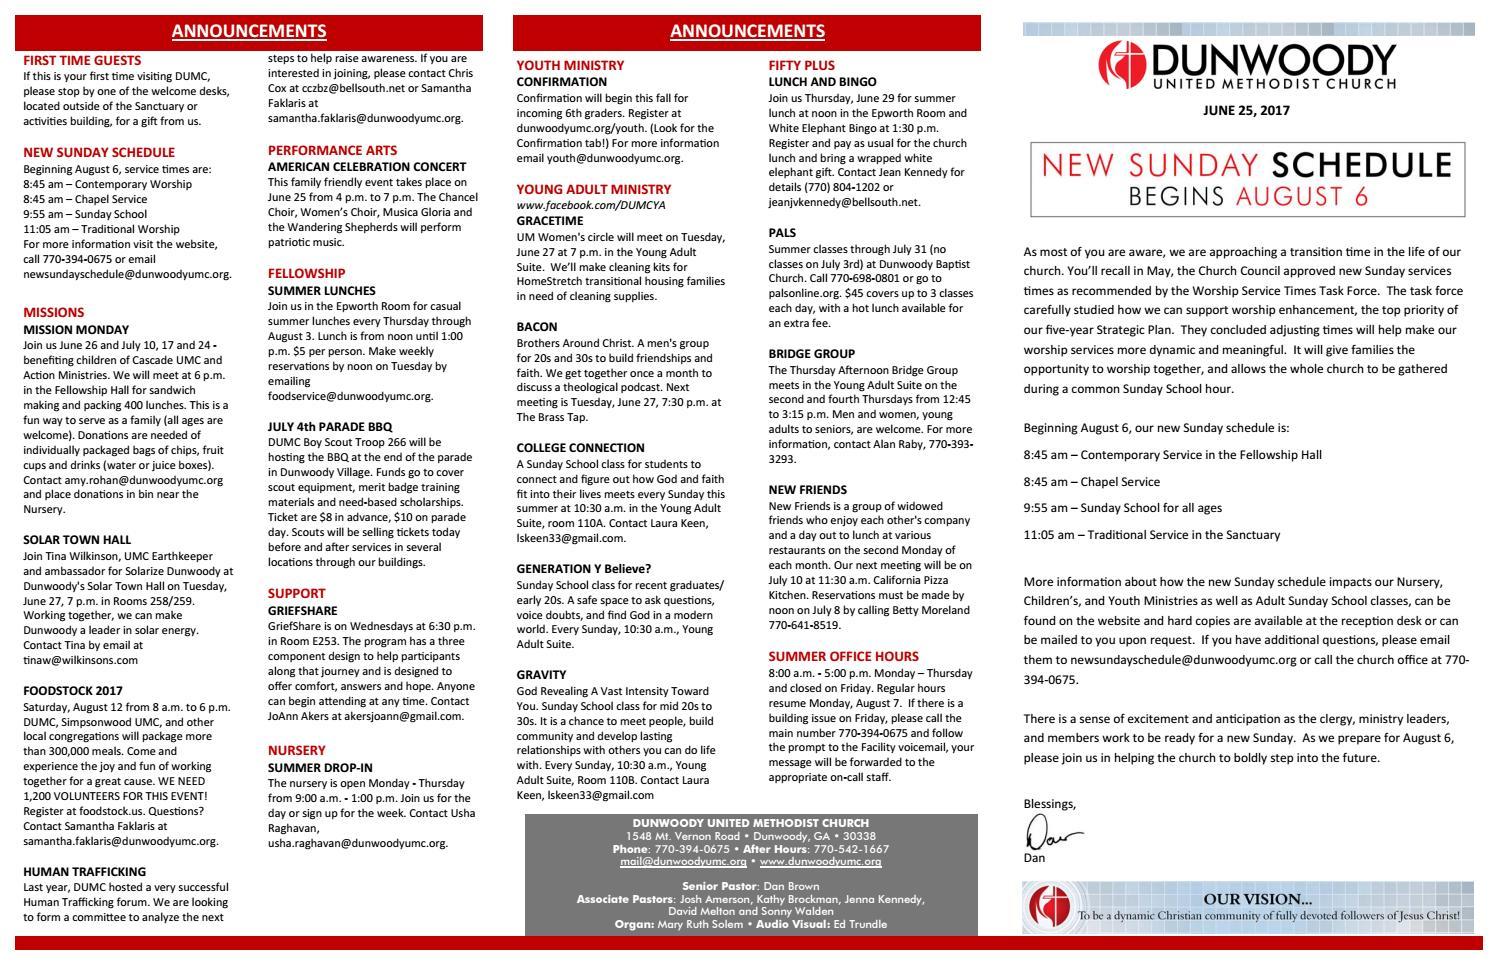 6-25-2017 Worship Bulletin by Dunwoody UMC - issuu